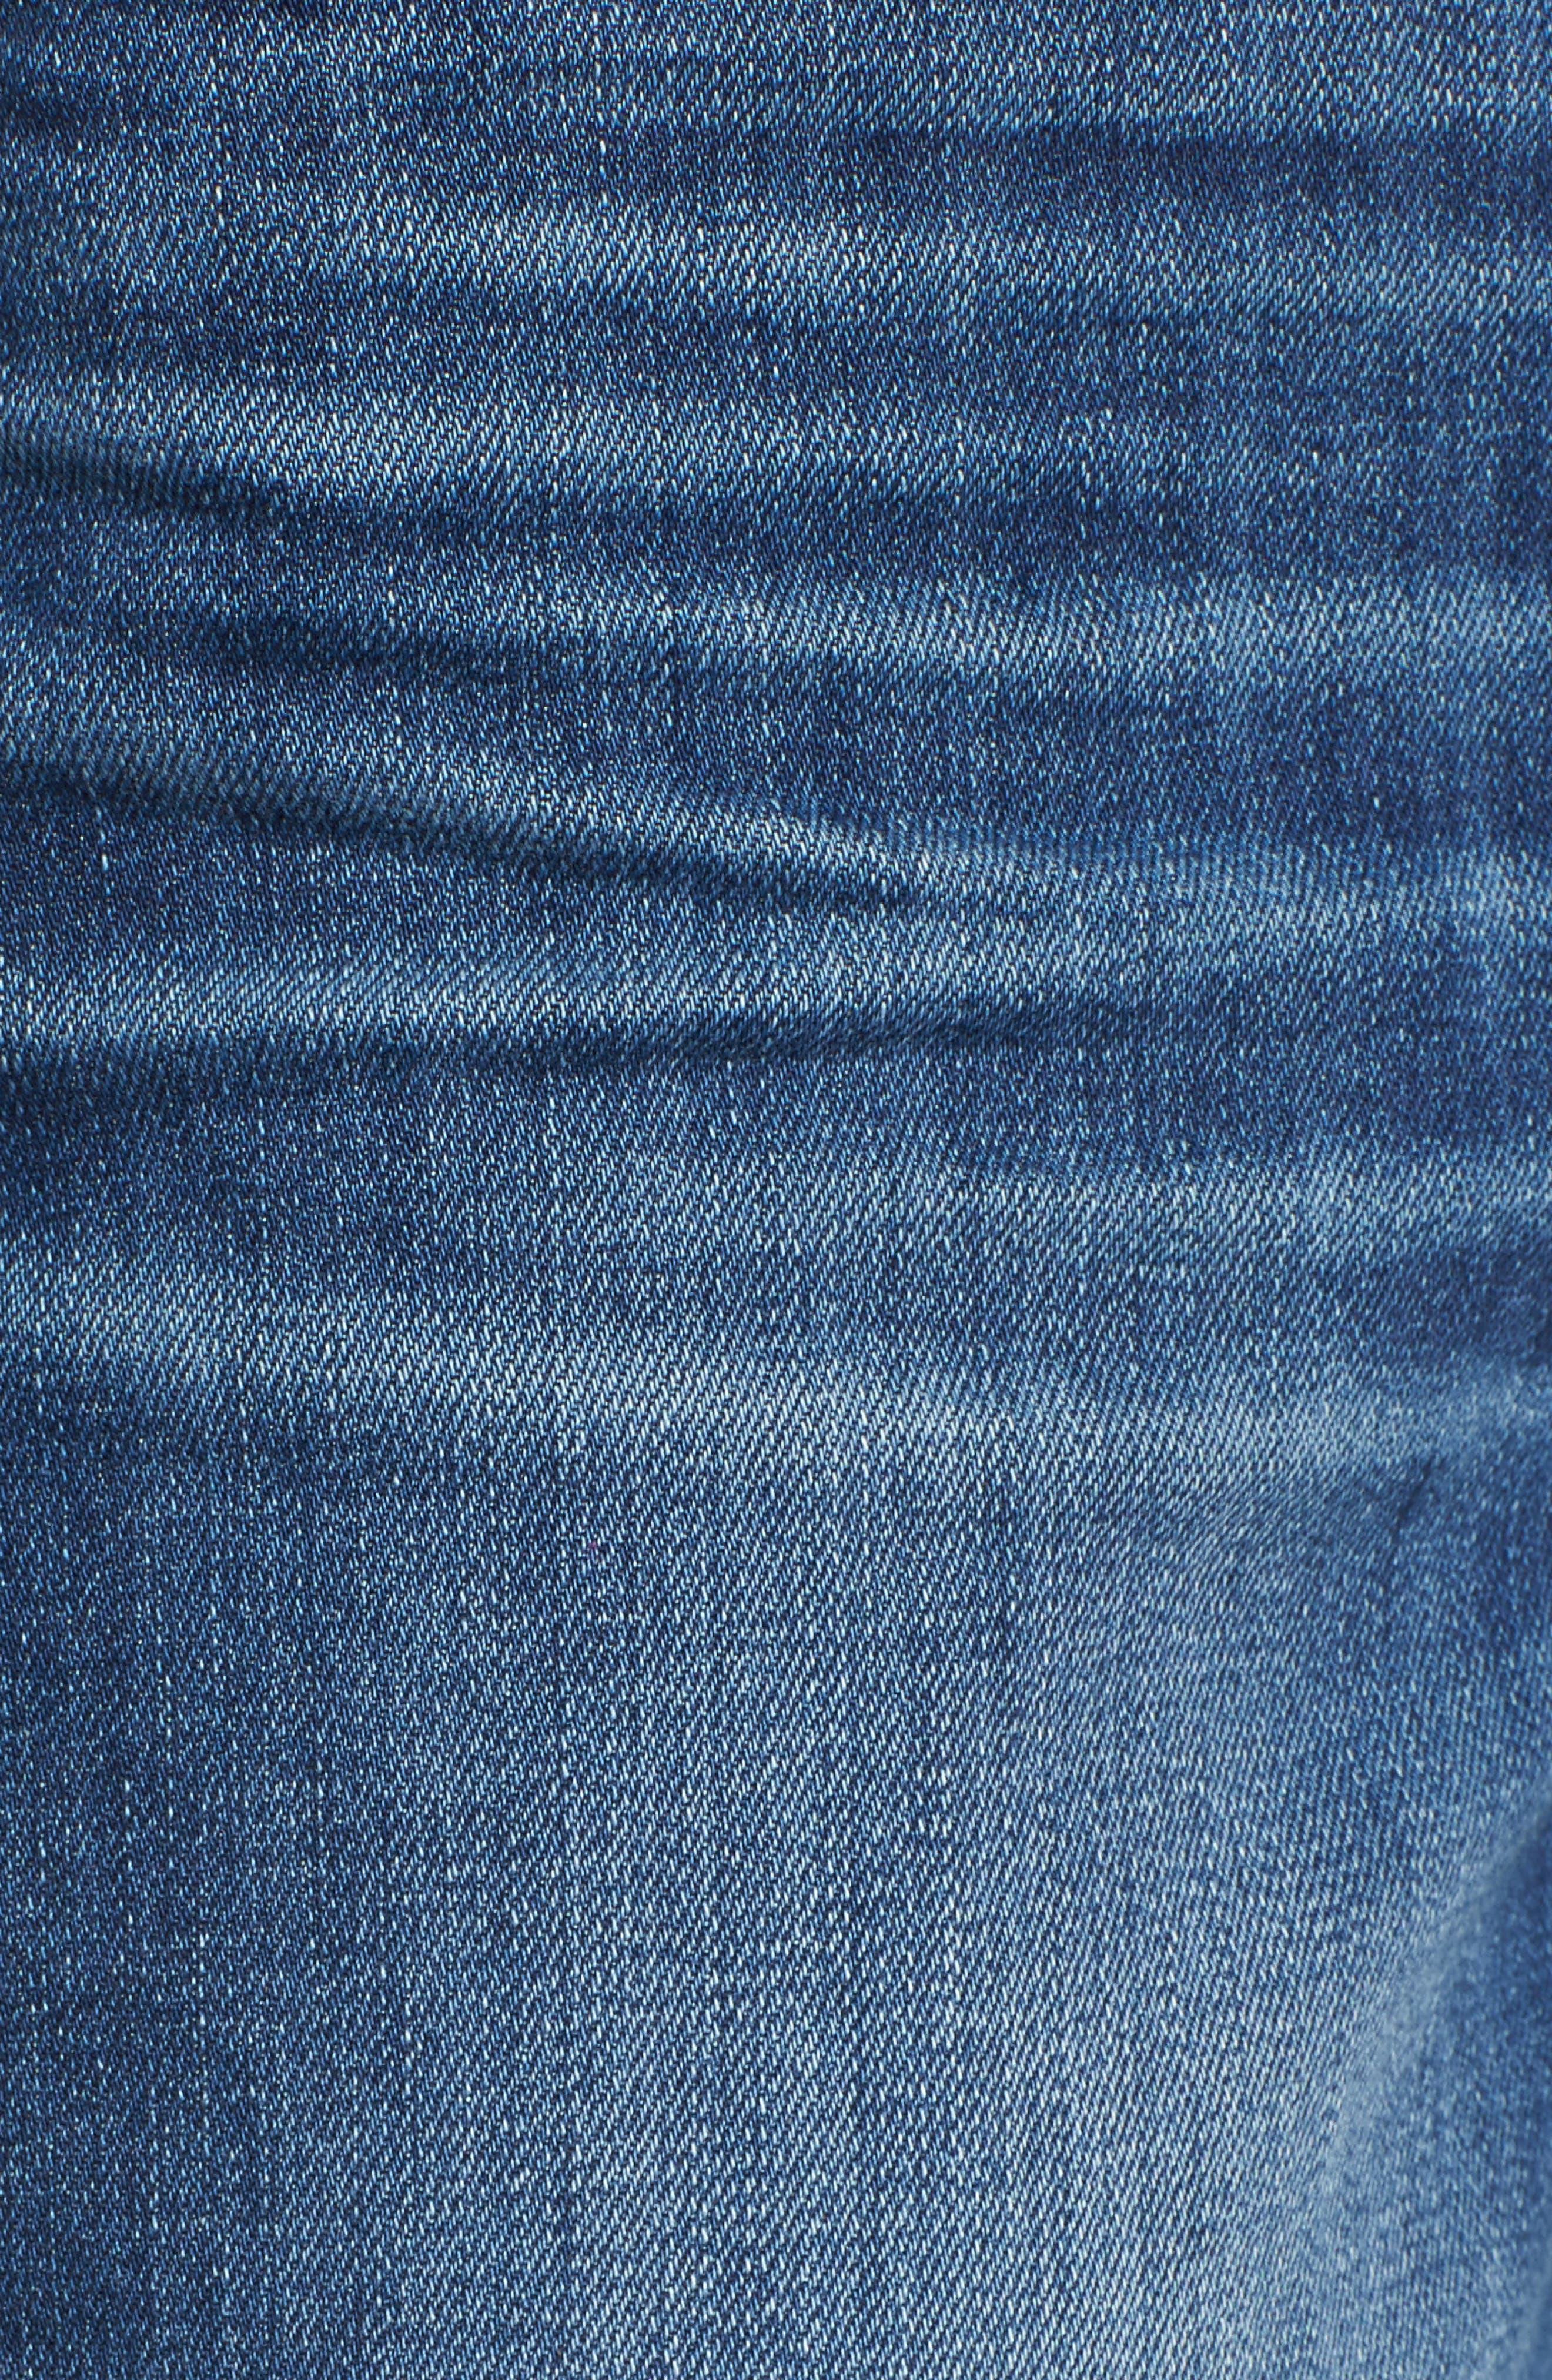 Nellie High Waist Culotte Jeans,                             Alternate thumbnail 6, color,                             400